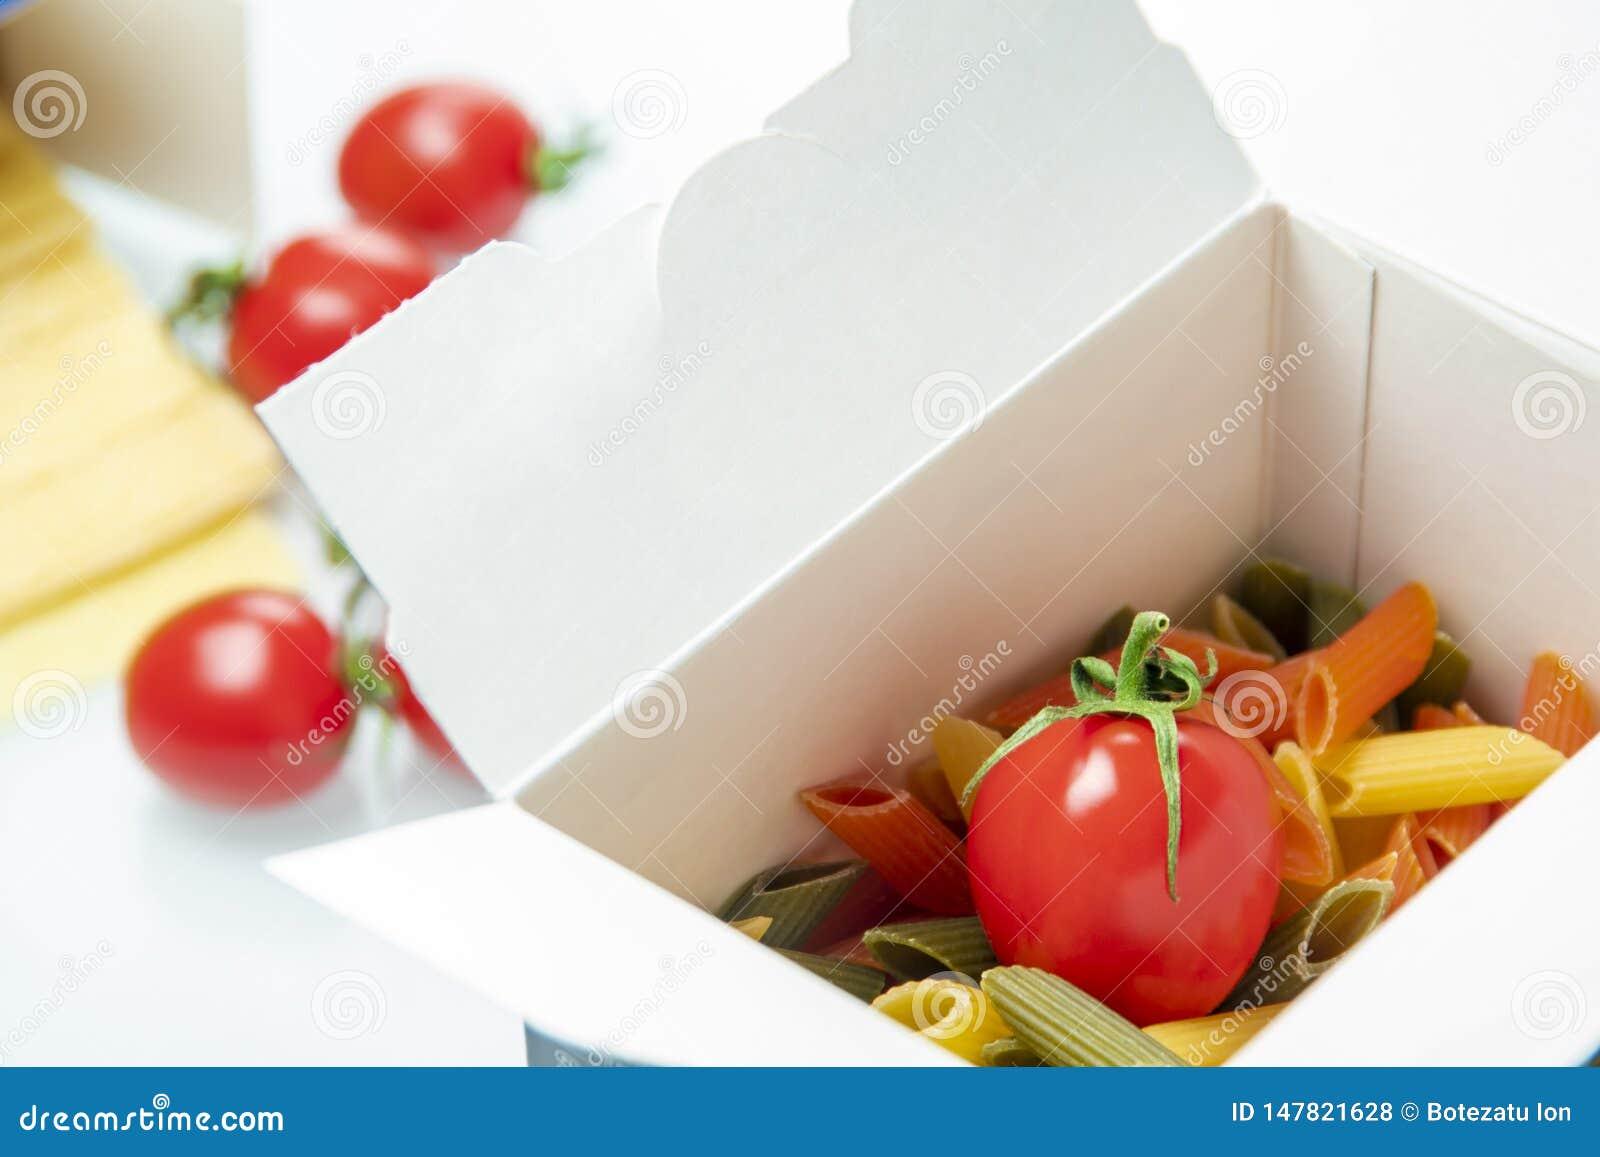 Tomate colocado en una caja de las pastas del color